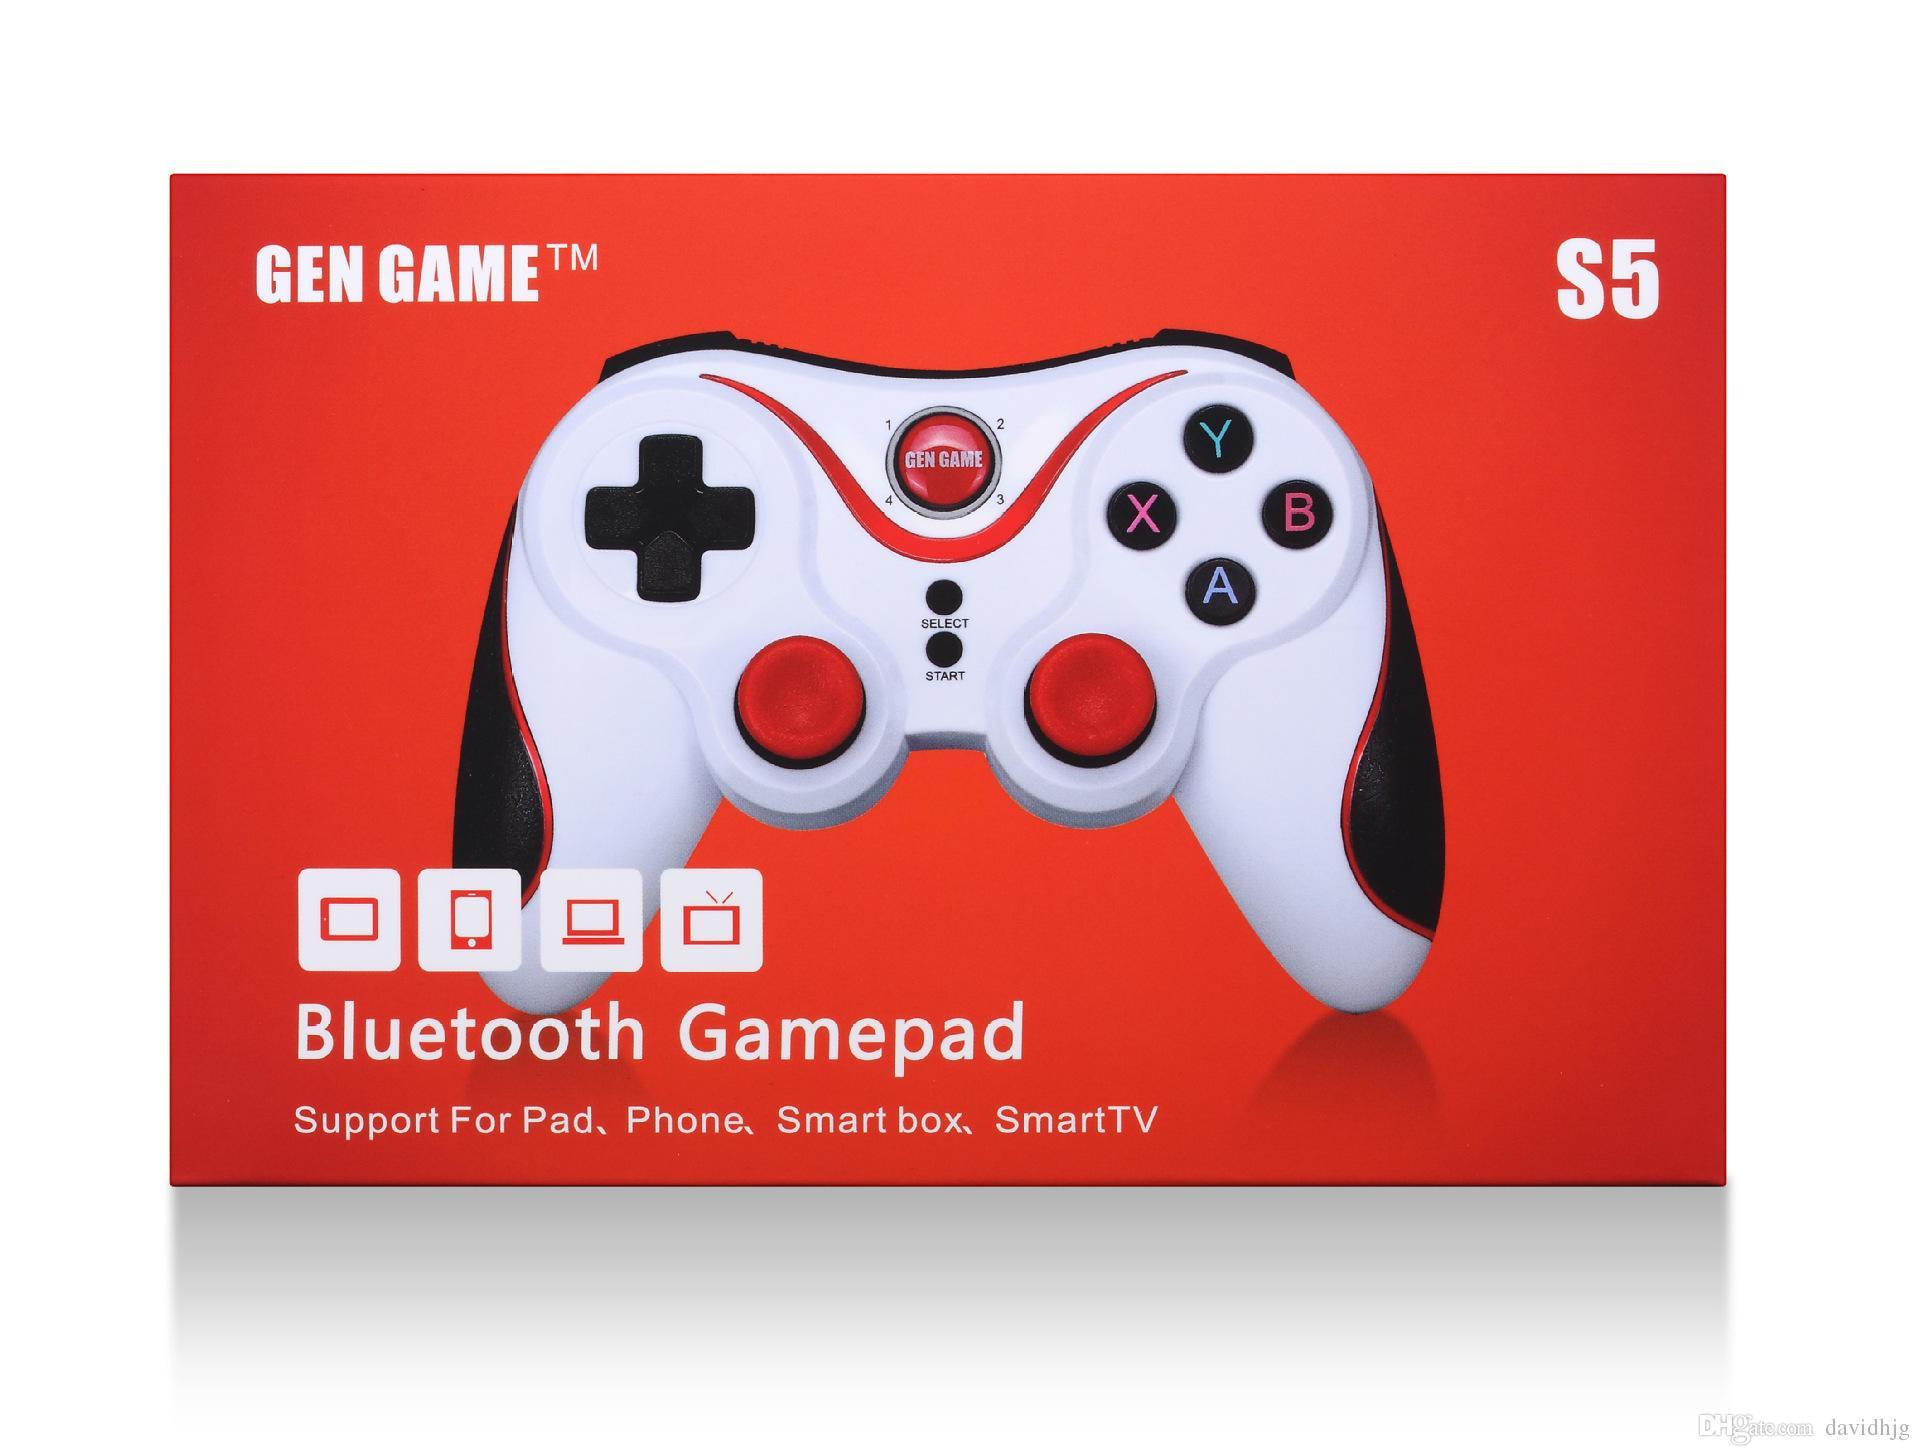 Gen Game S5 무선 블루투스 게임 패드 게임 컨트롤러 핸들 리모트 조이스틱 안드로이드 태블릿 콘솔 SmartPhone 들어 왔어.